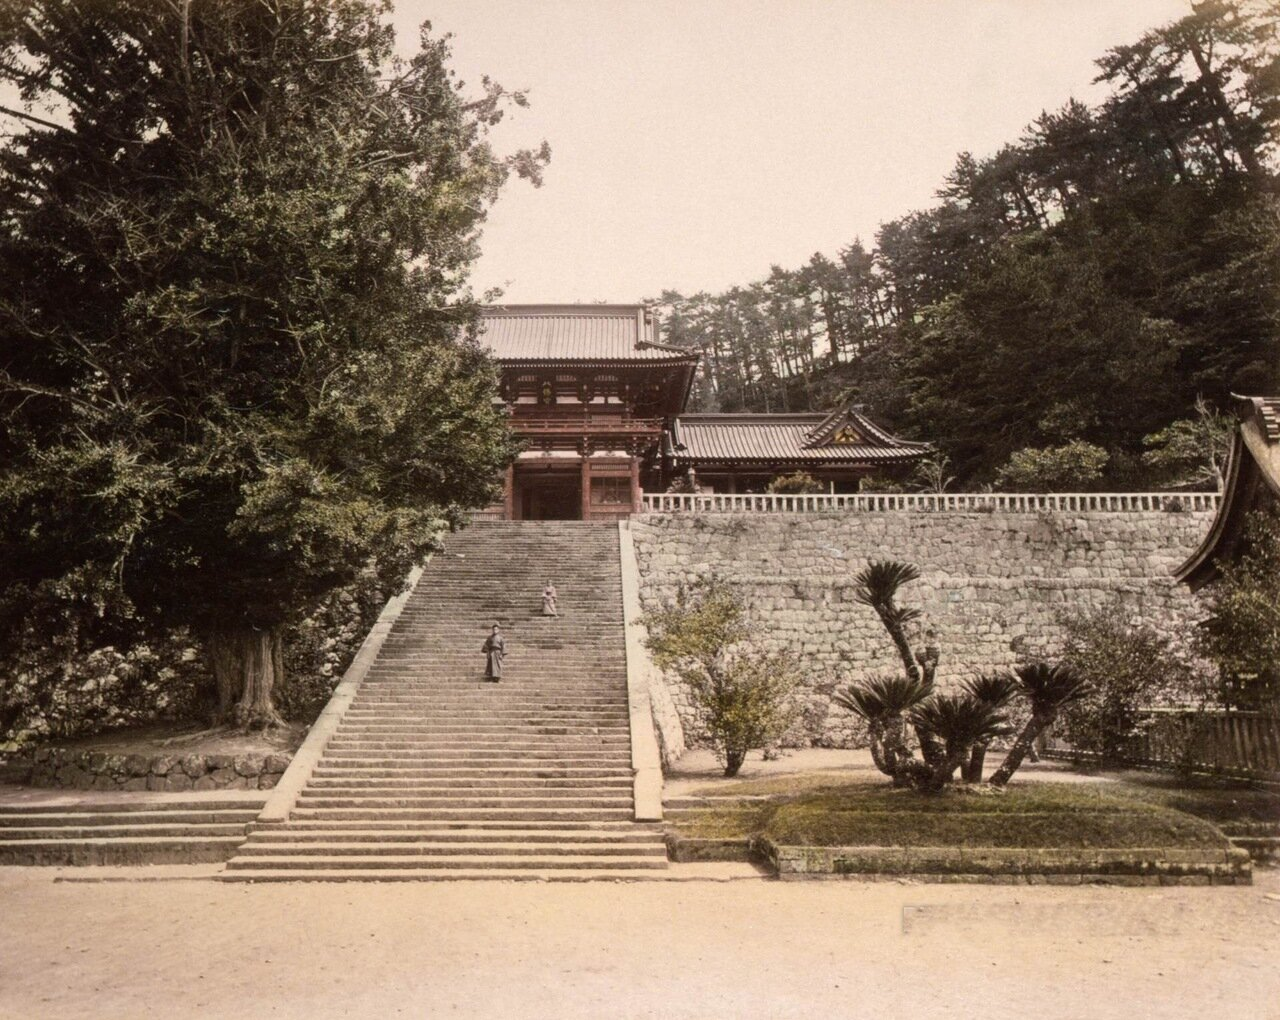 Вид каменных ступеней, ведущих в храм в Камакура. Япония. 1890 г.